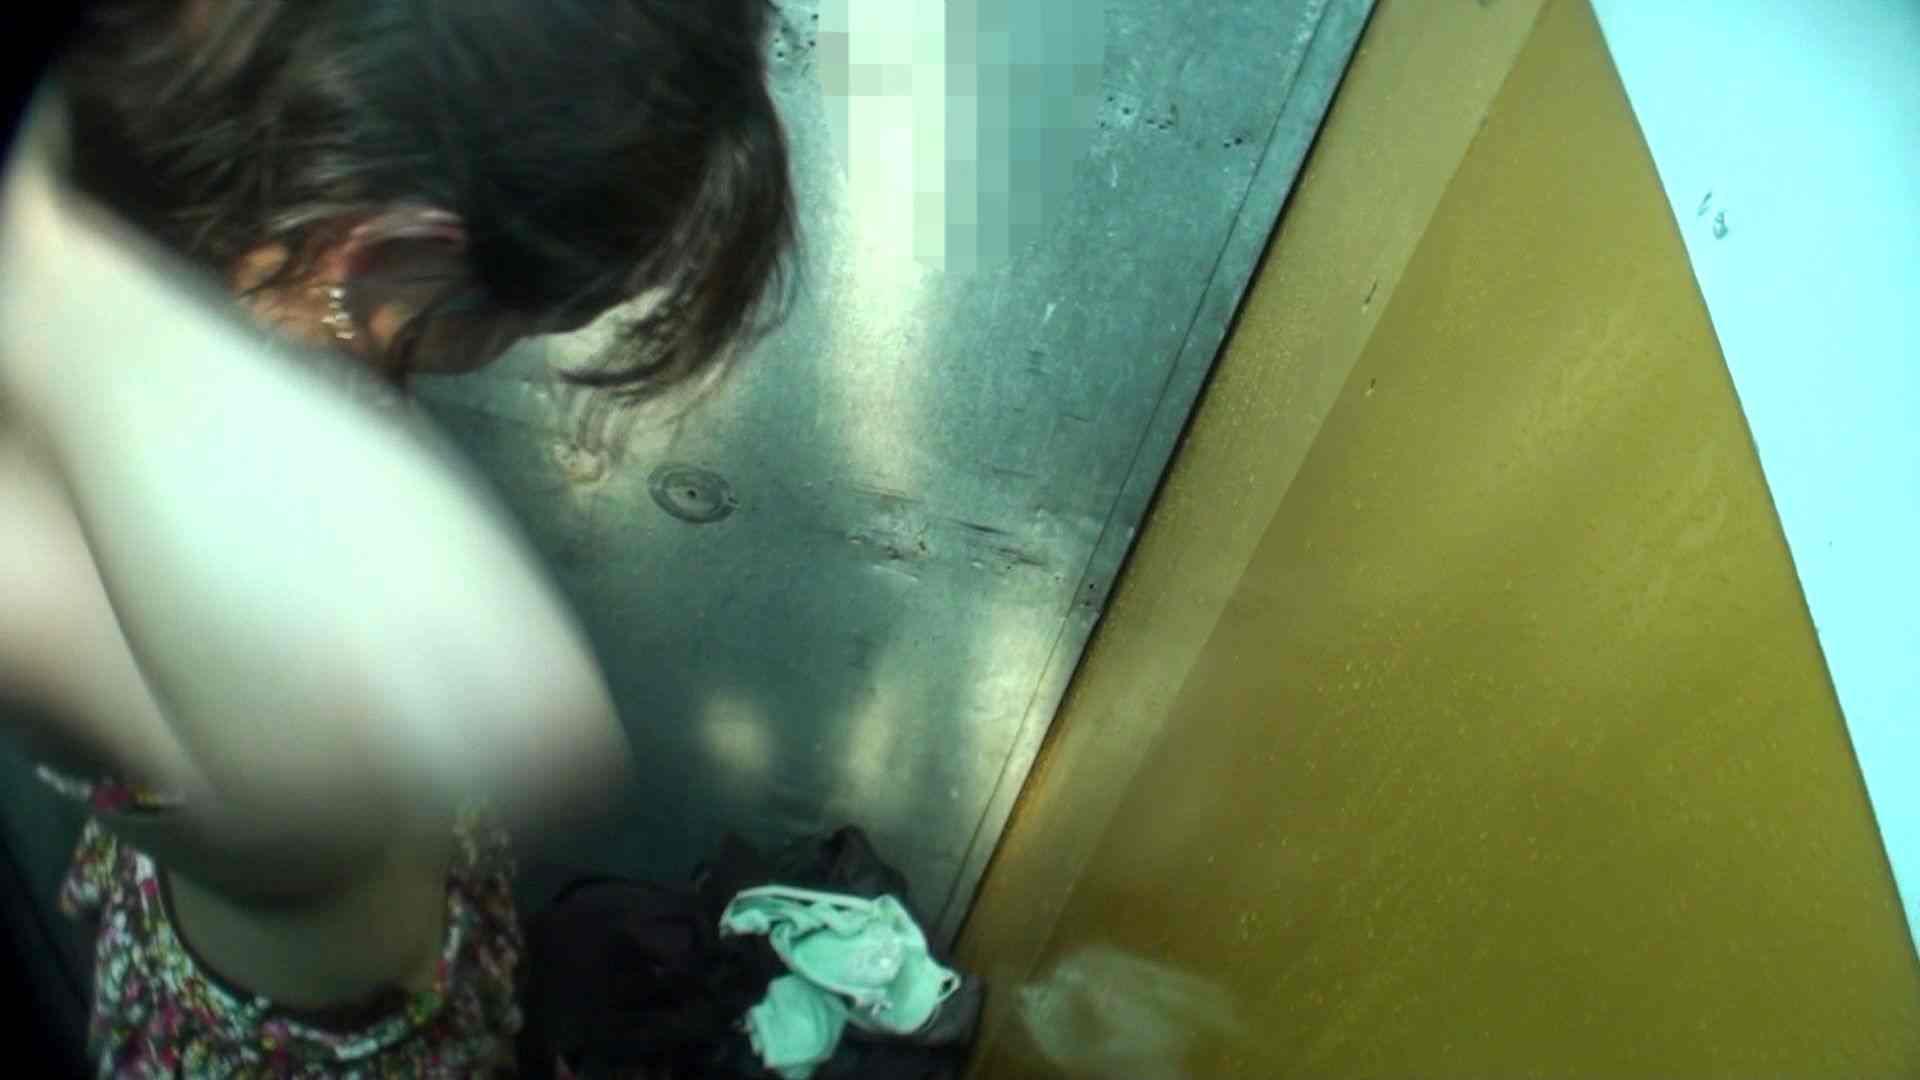 シャワールームは超!!危険な香りVol.16 意外に乳首は年増のそれ 高画質 えろ無修正画像 97pic 39